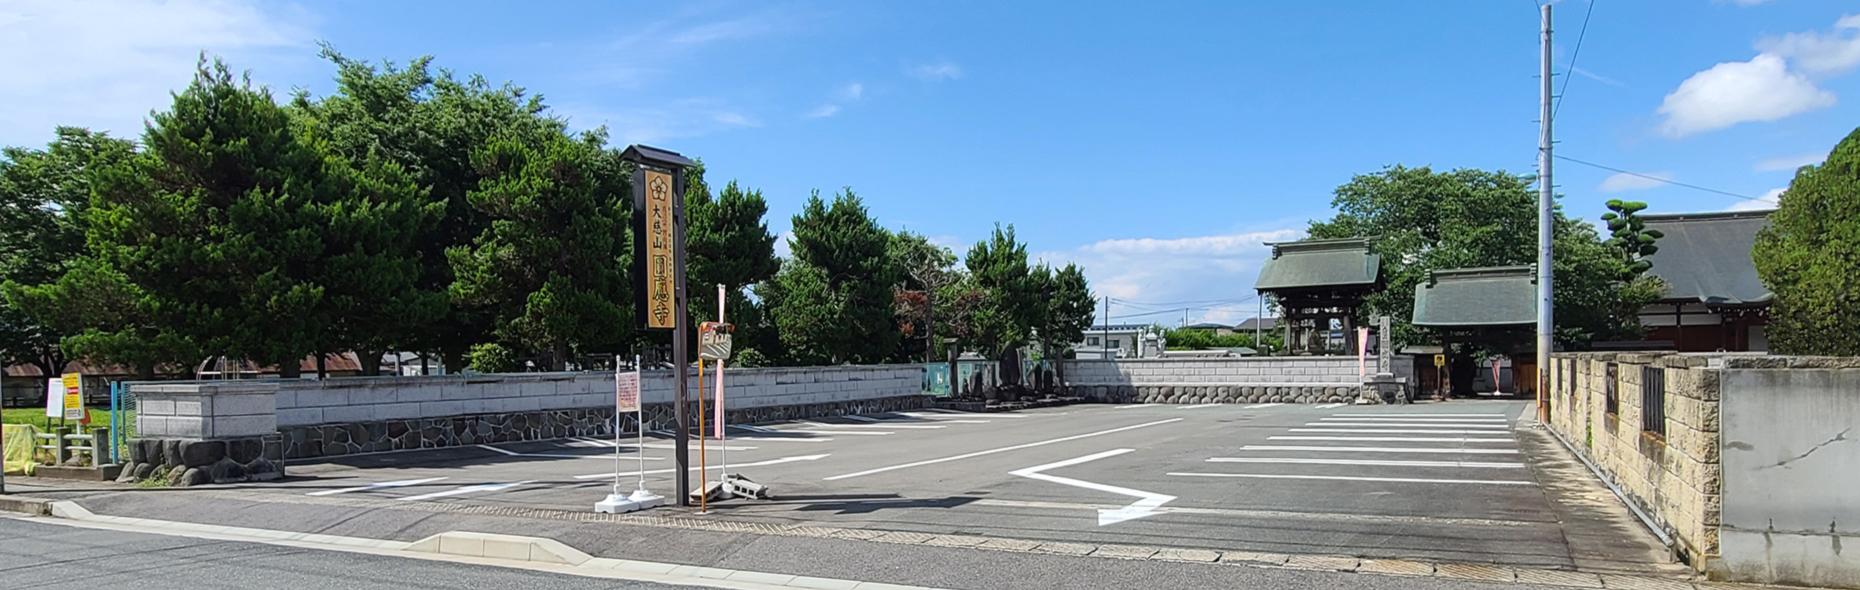 円応寺駐車場